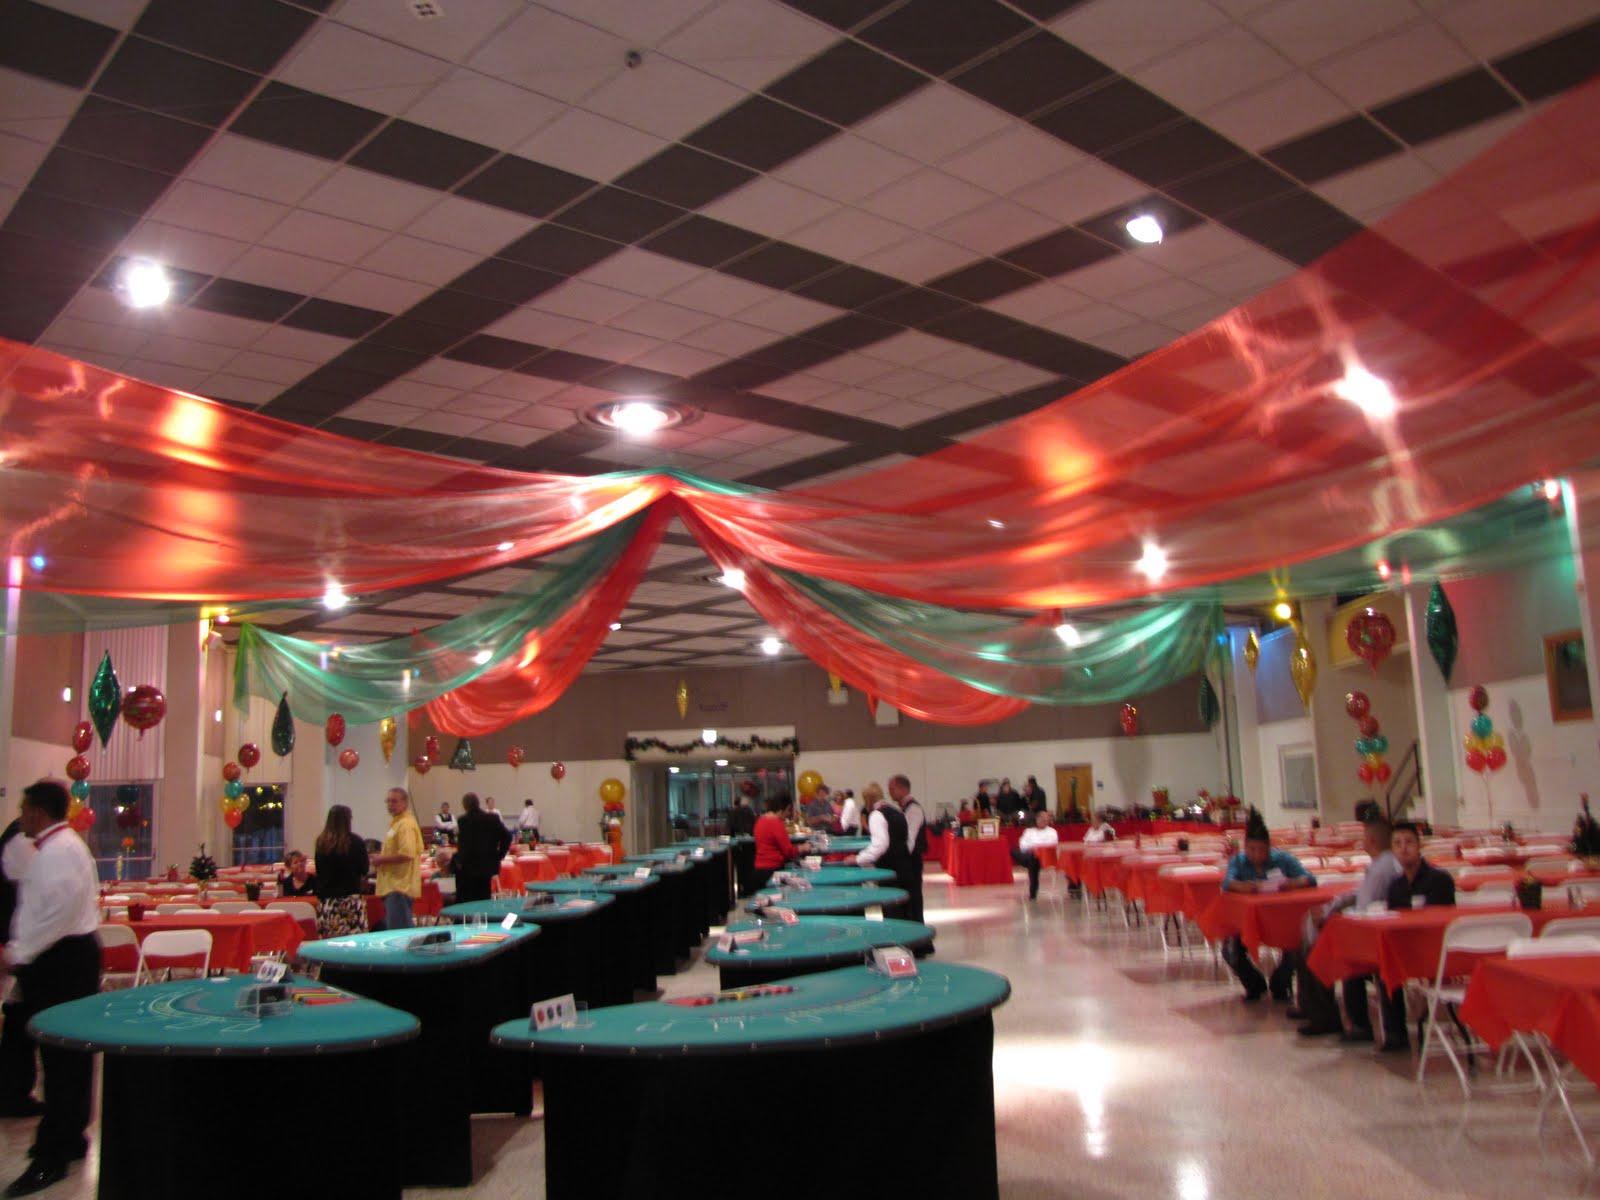 Christmas Company Party Ideas Part - 18: Christmas Decorations For A Company Party Psoriasisguru Com